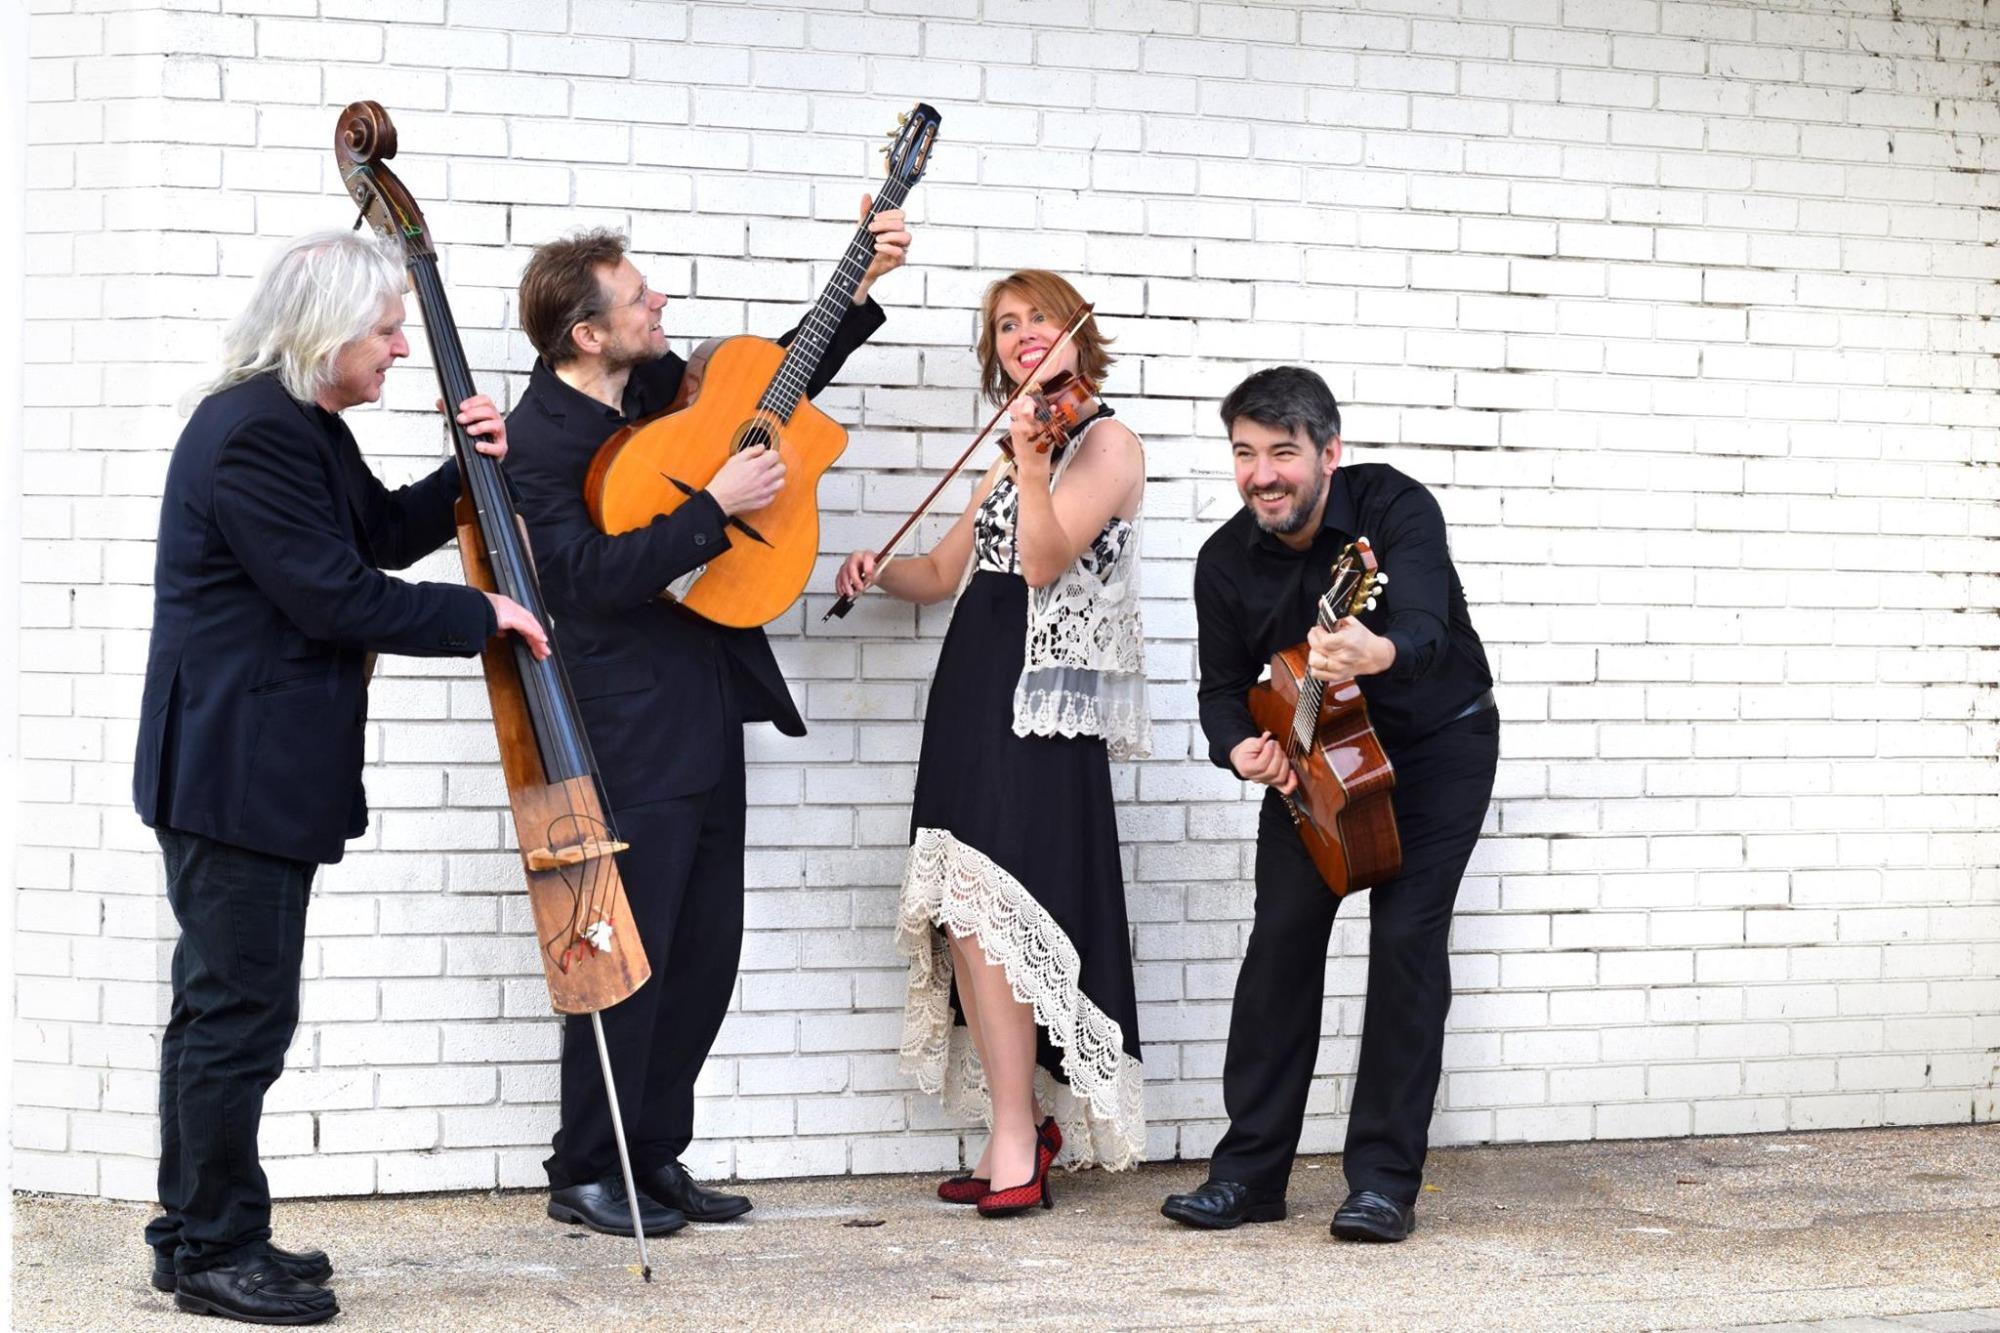 Promo Gypsy Rhythm Gypsy Jazz Band Glamorgan